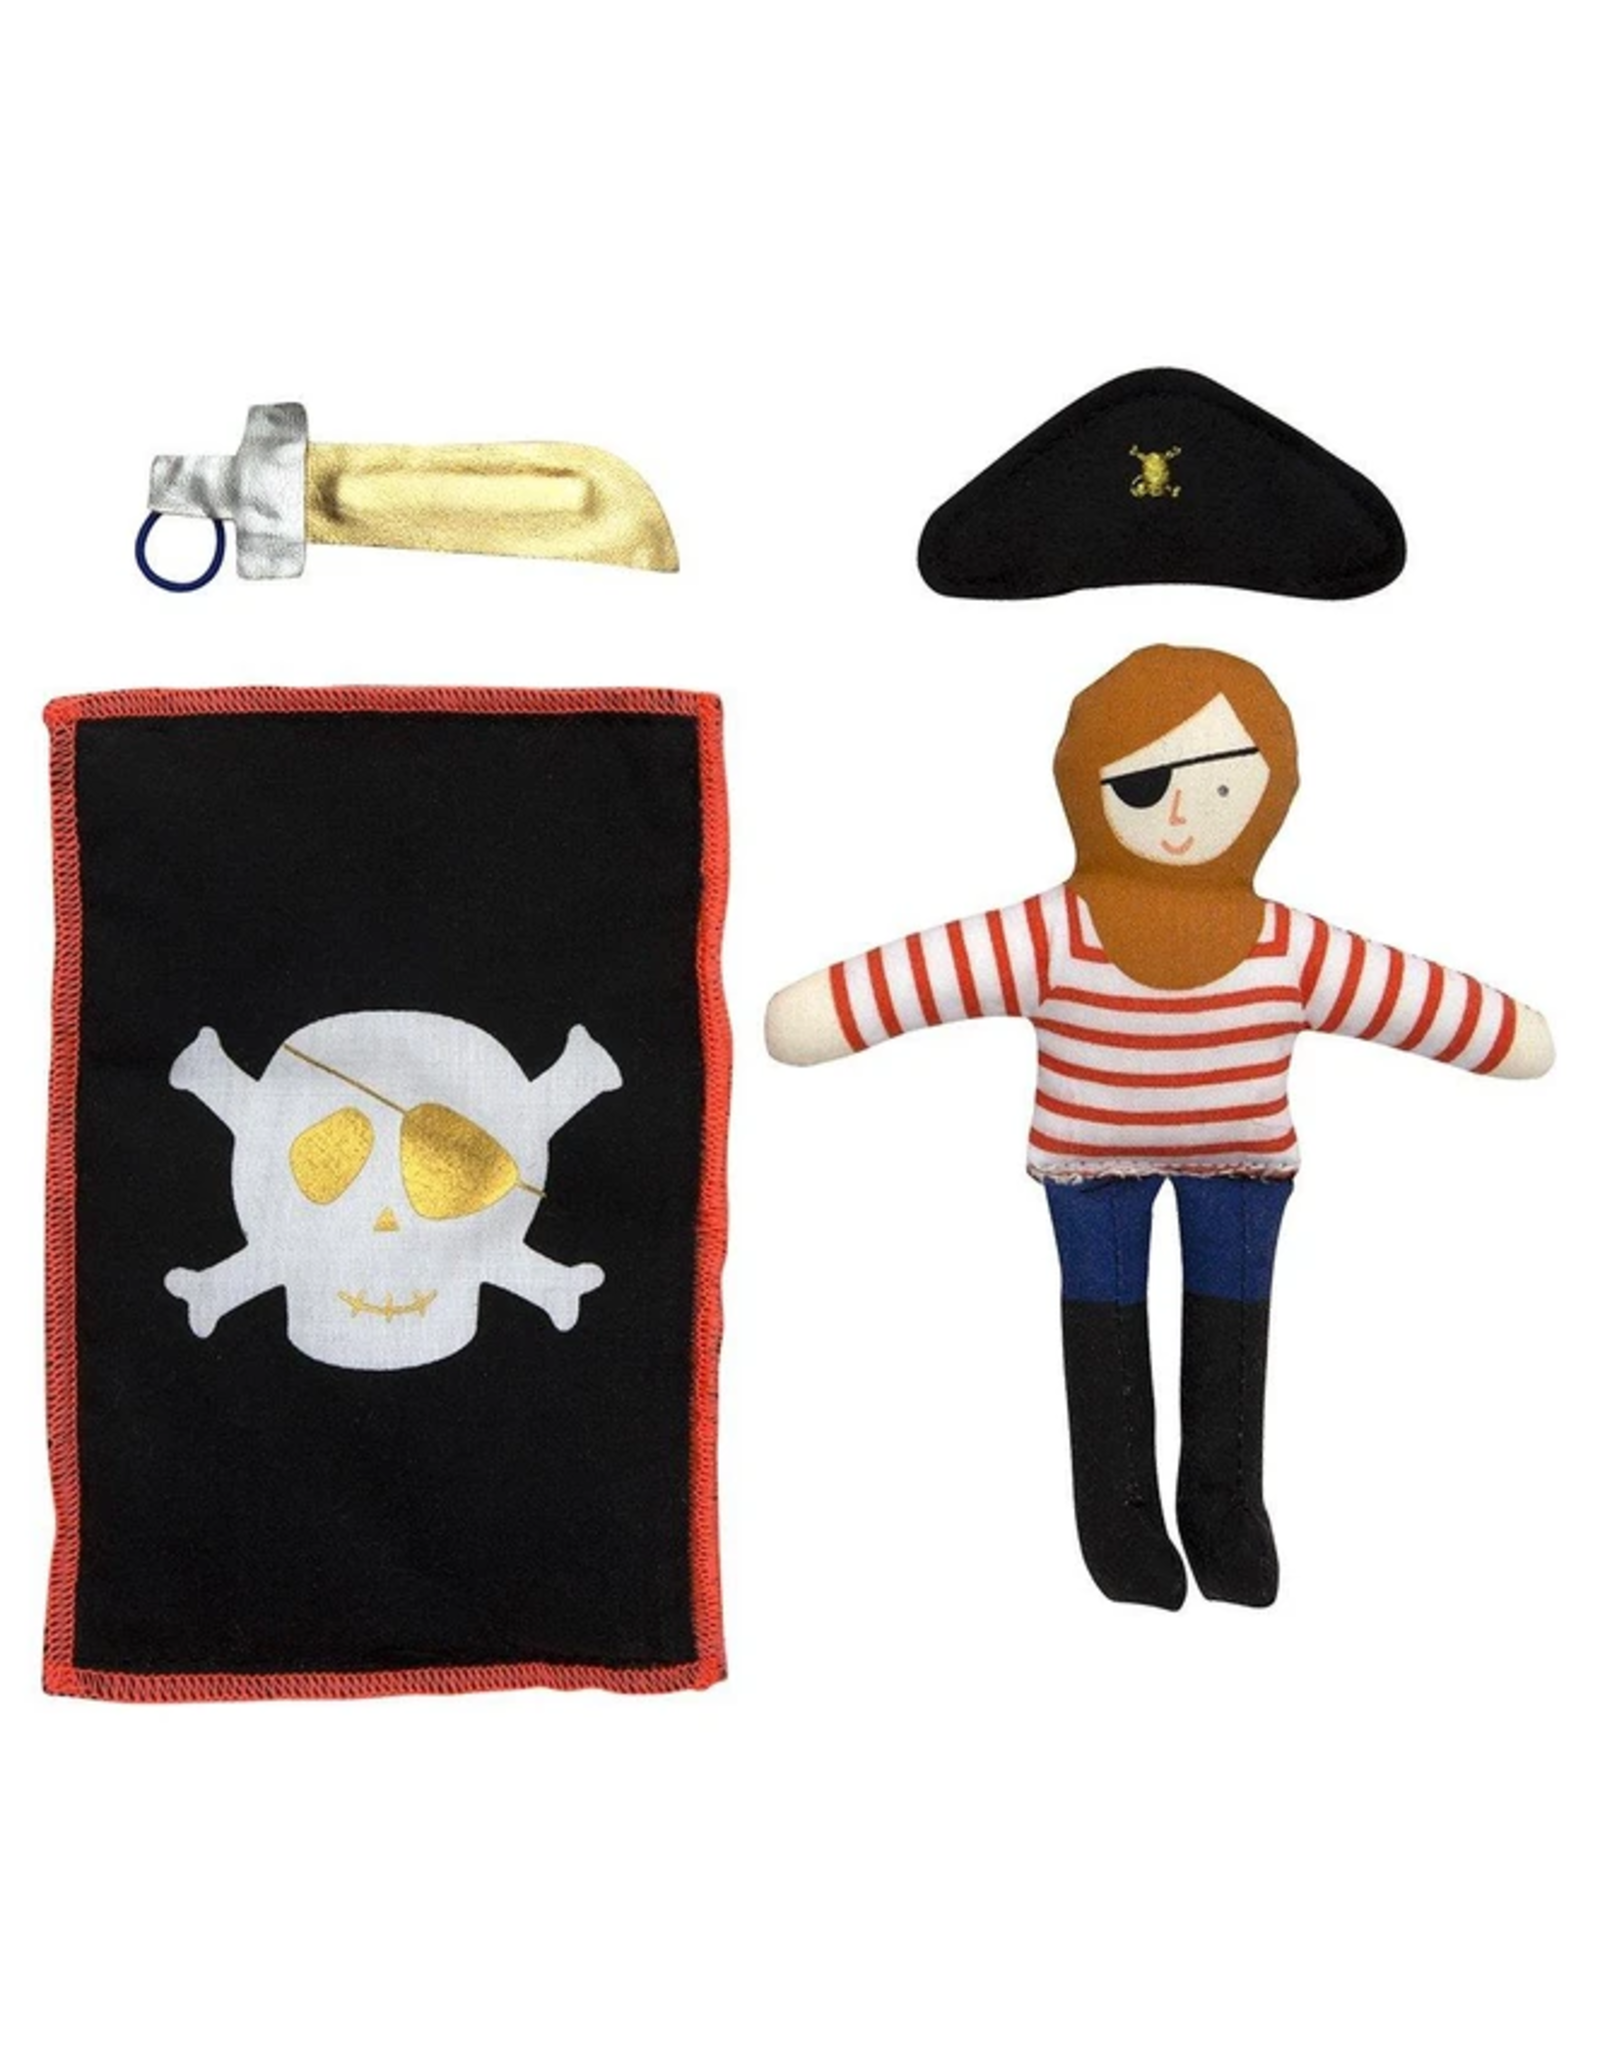 Meri Meri Mini Pirate Suitcase